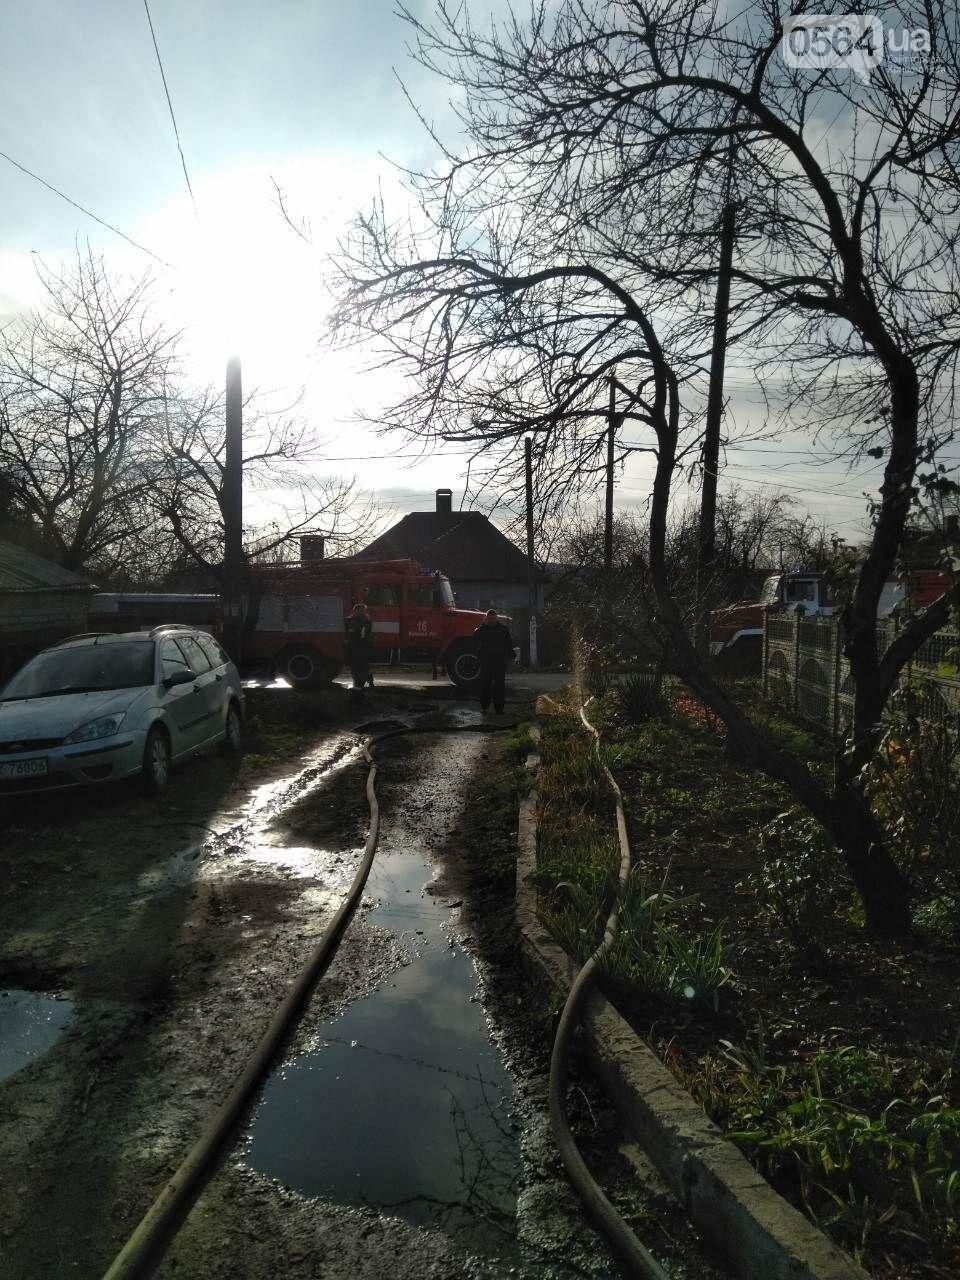 Машина, гараж, крыша летней кухни сгорели в результате пожара в Кривом Роге, - ФОТО  , фото-2